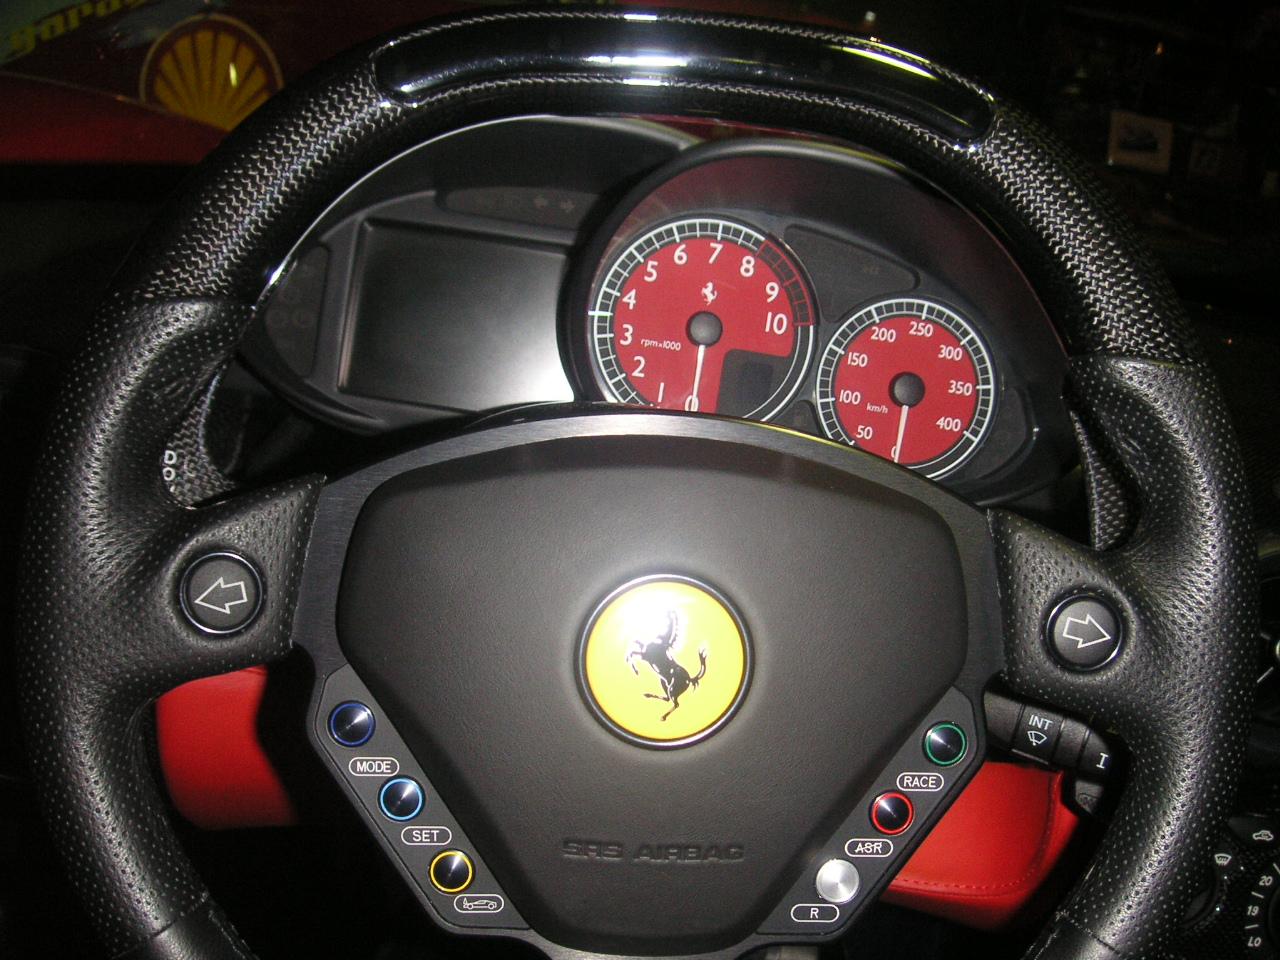 fileenzo ferrari indicatorjpg - Ferrari Enzo 2010